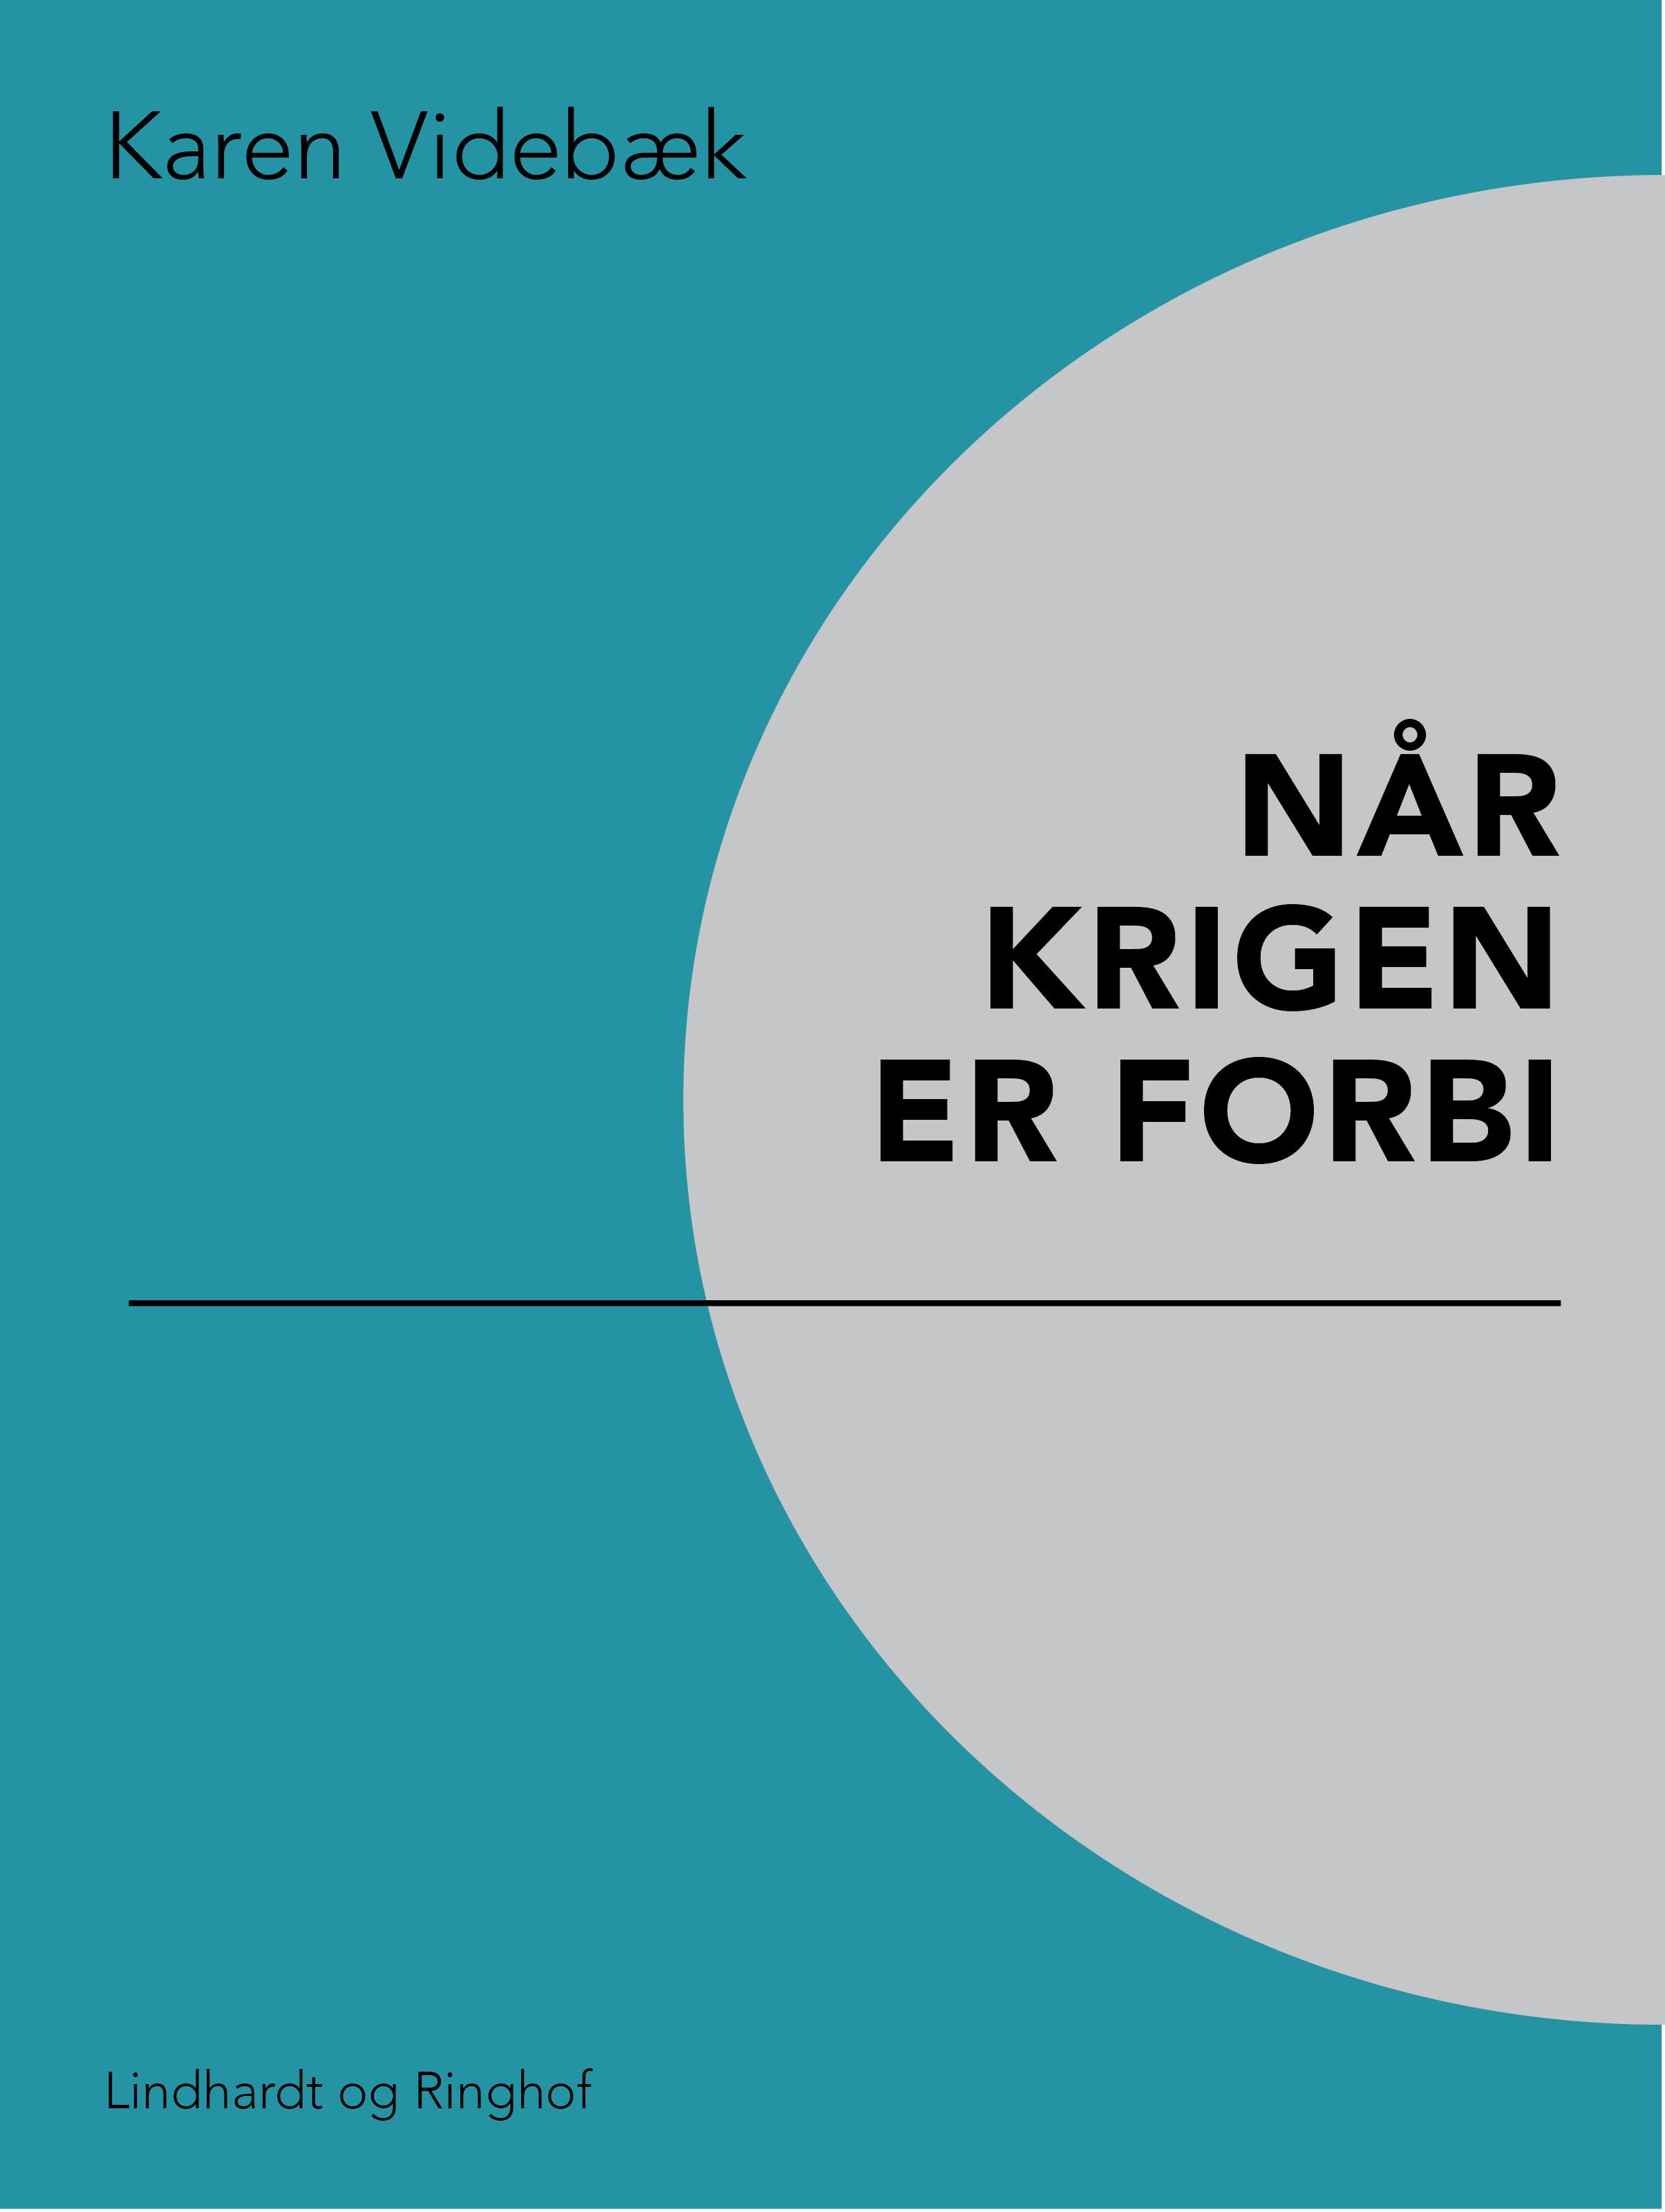 Når krigen er forbi - Karen Videbæk - Bøger - Saga - 9788726004939 - 25/5-2018